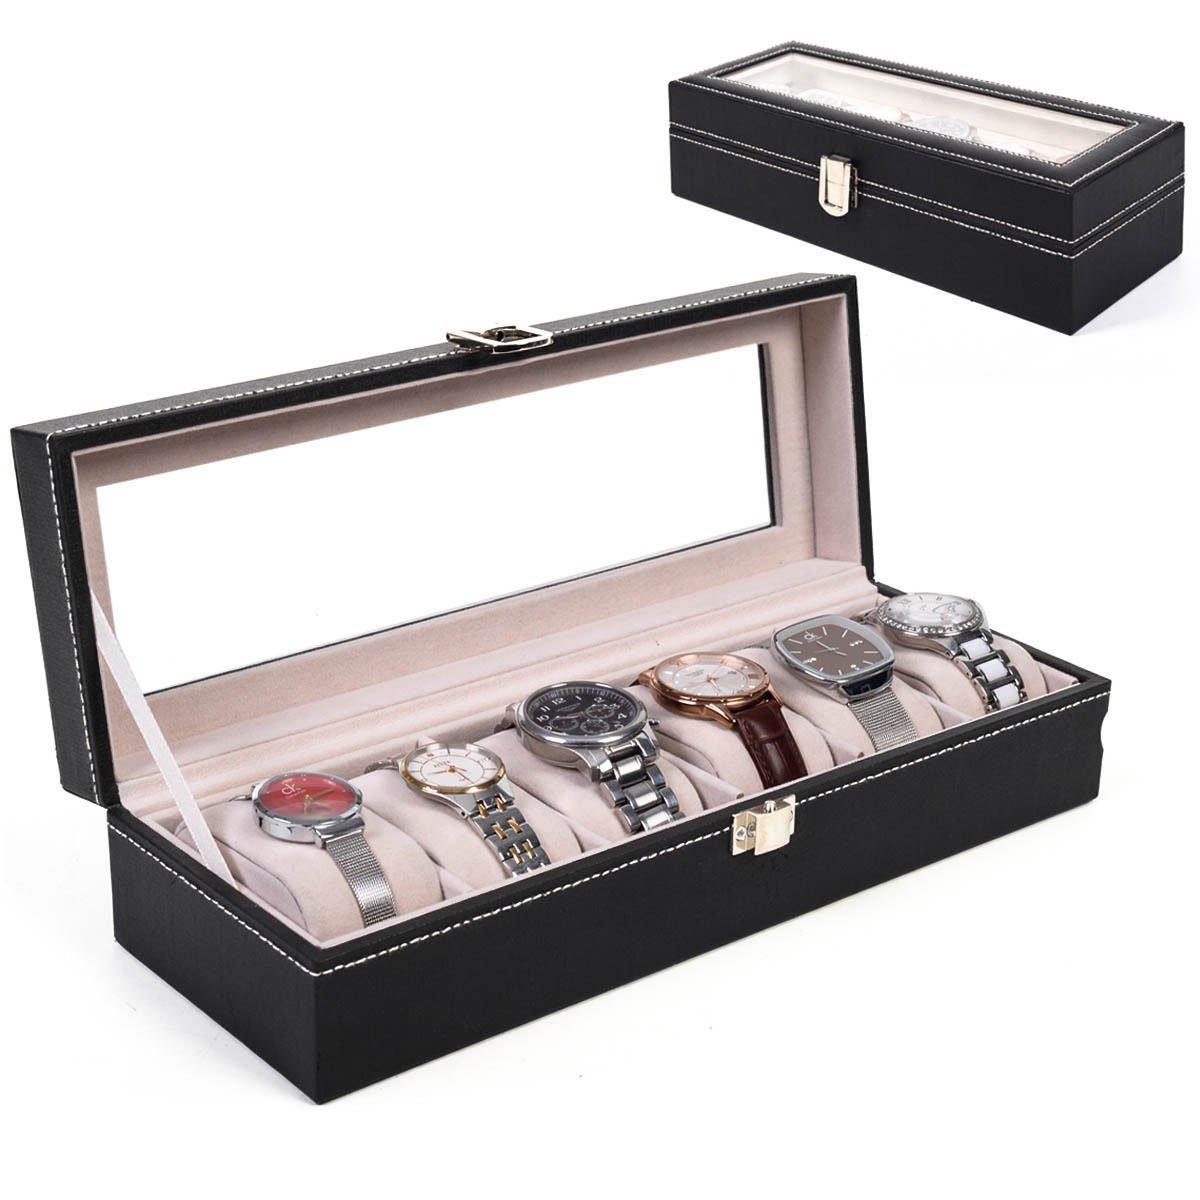 6スロットレザー腕時計ボックスディスプレイケースオーガナイザーガラストップジュエリーストレージFinished滑らかなラインと美しいCraft SilveryメタルClosure B01LZHECFQ